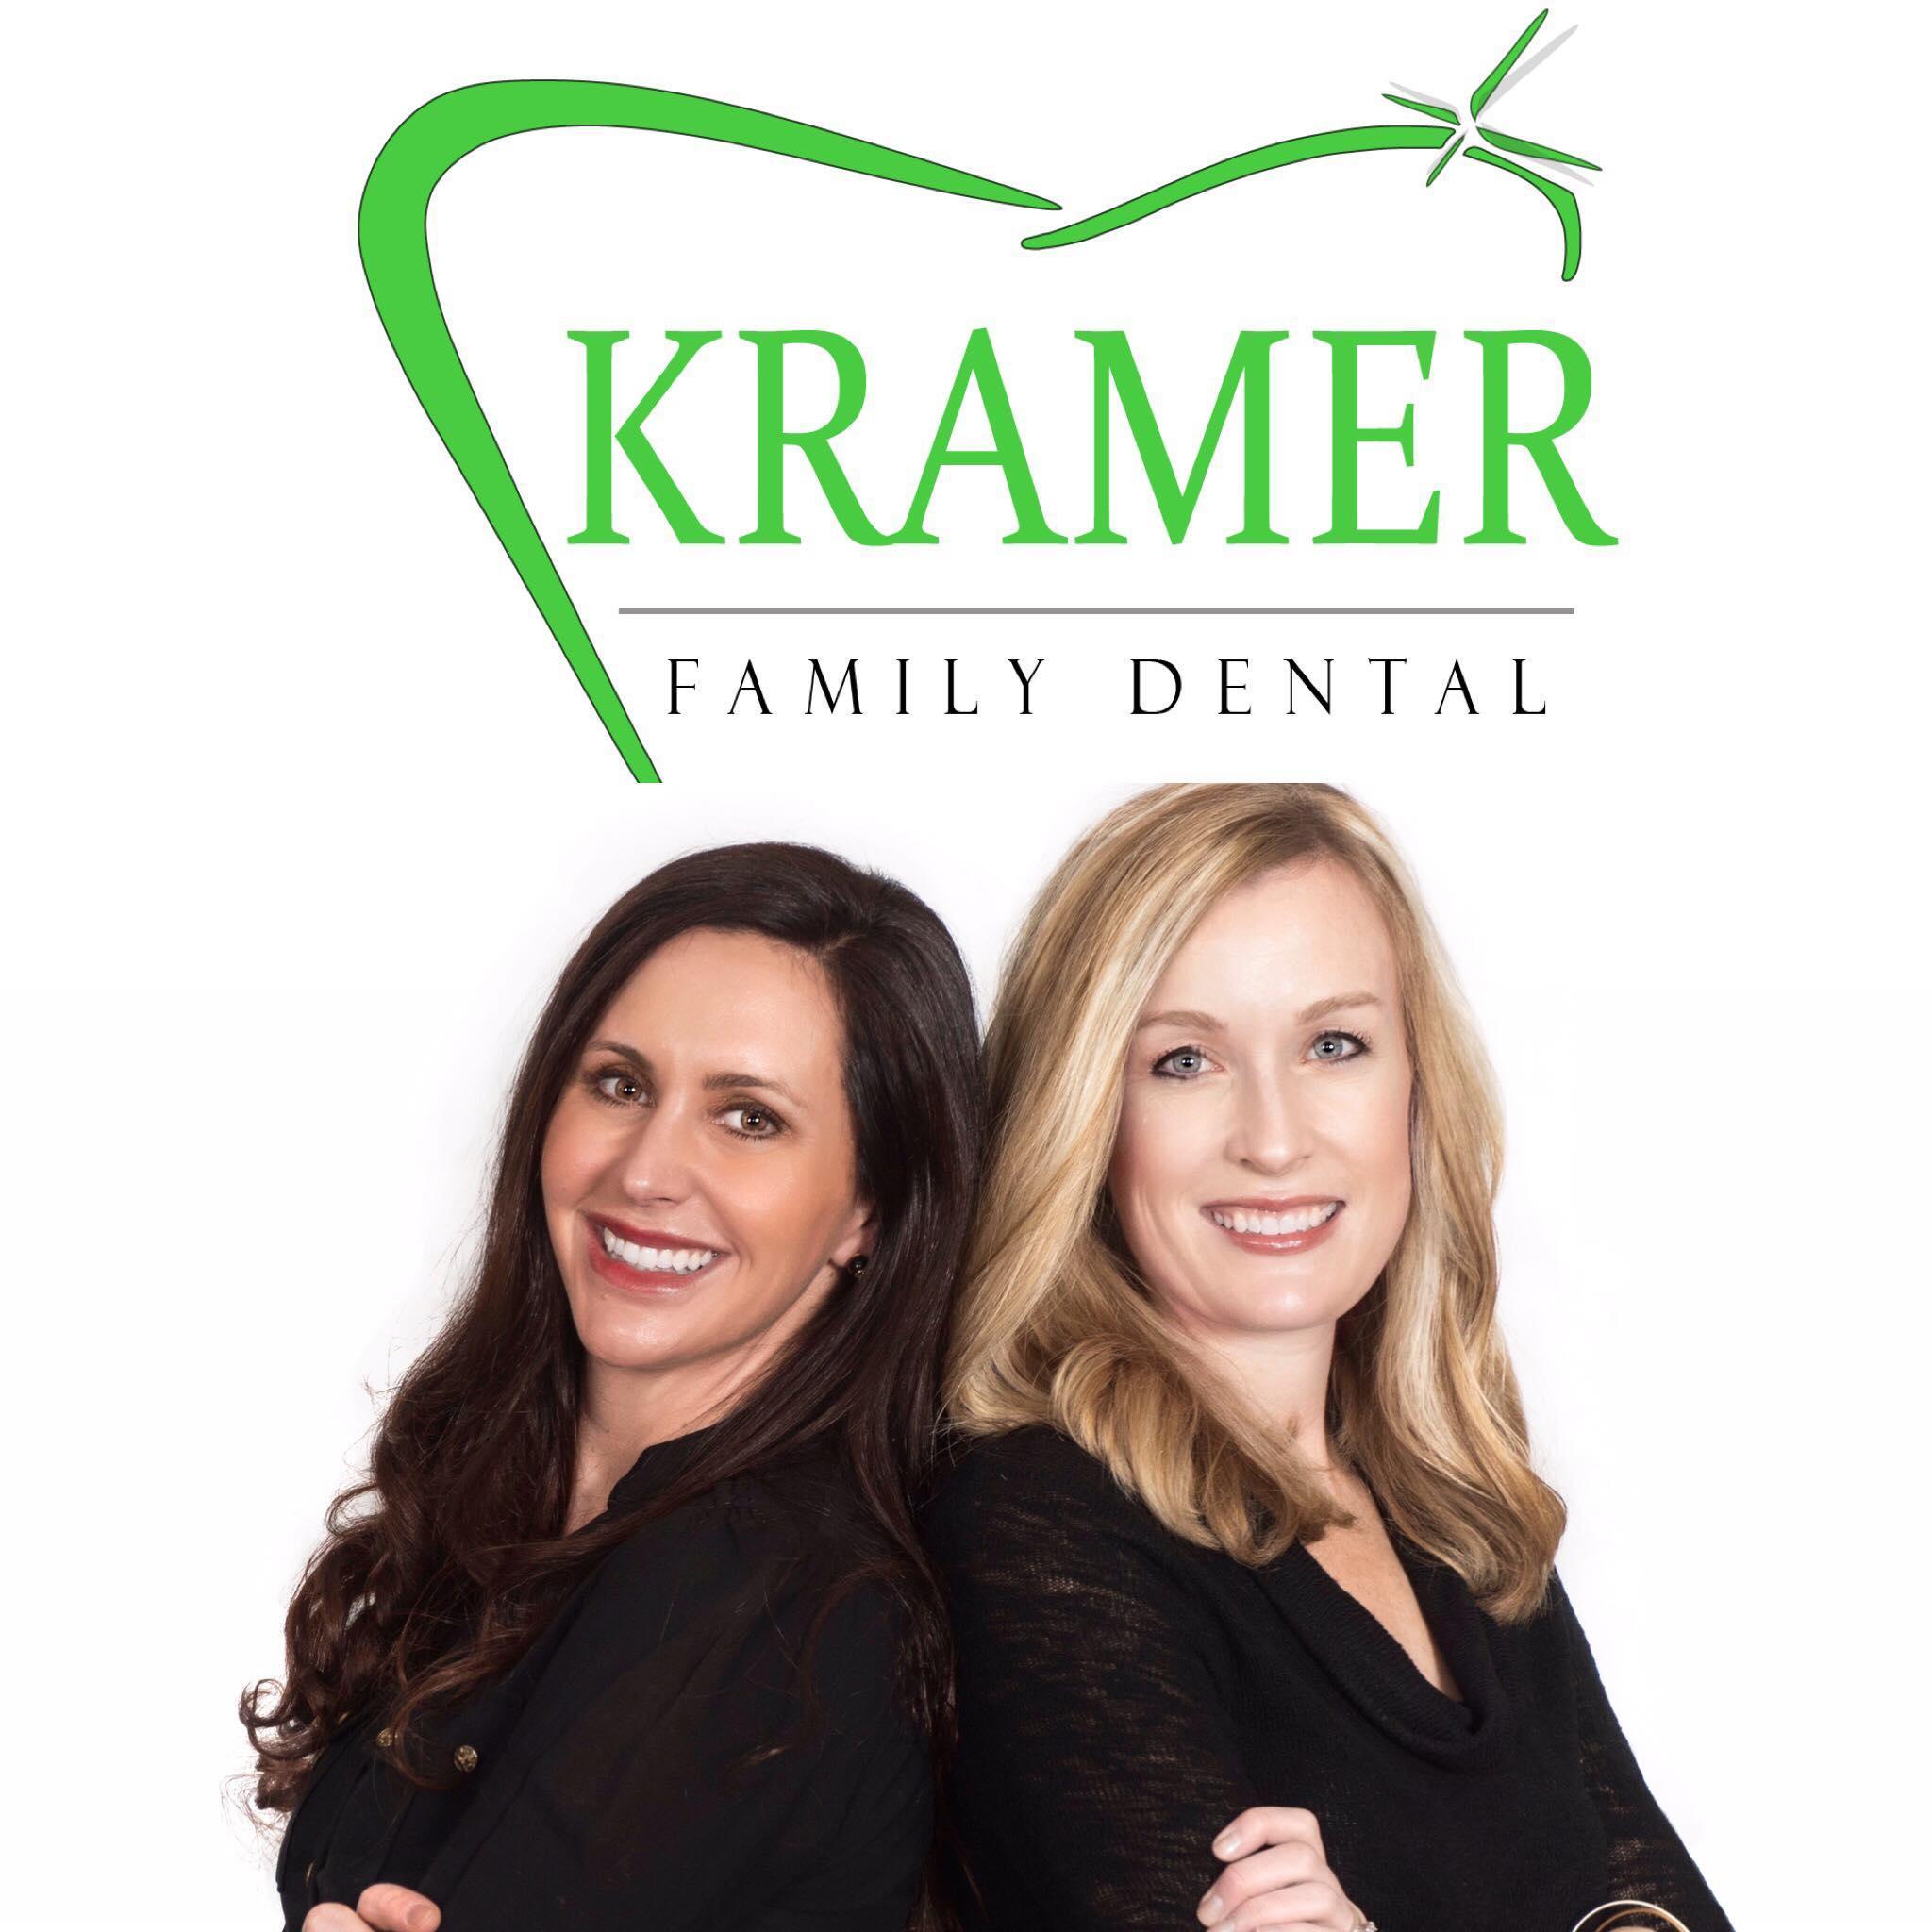 Kramer Family Dental image 3